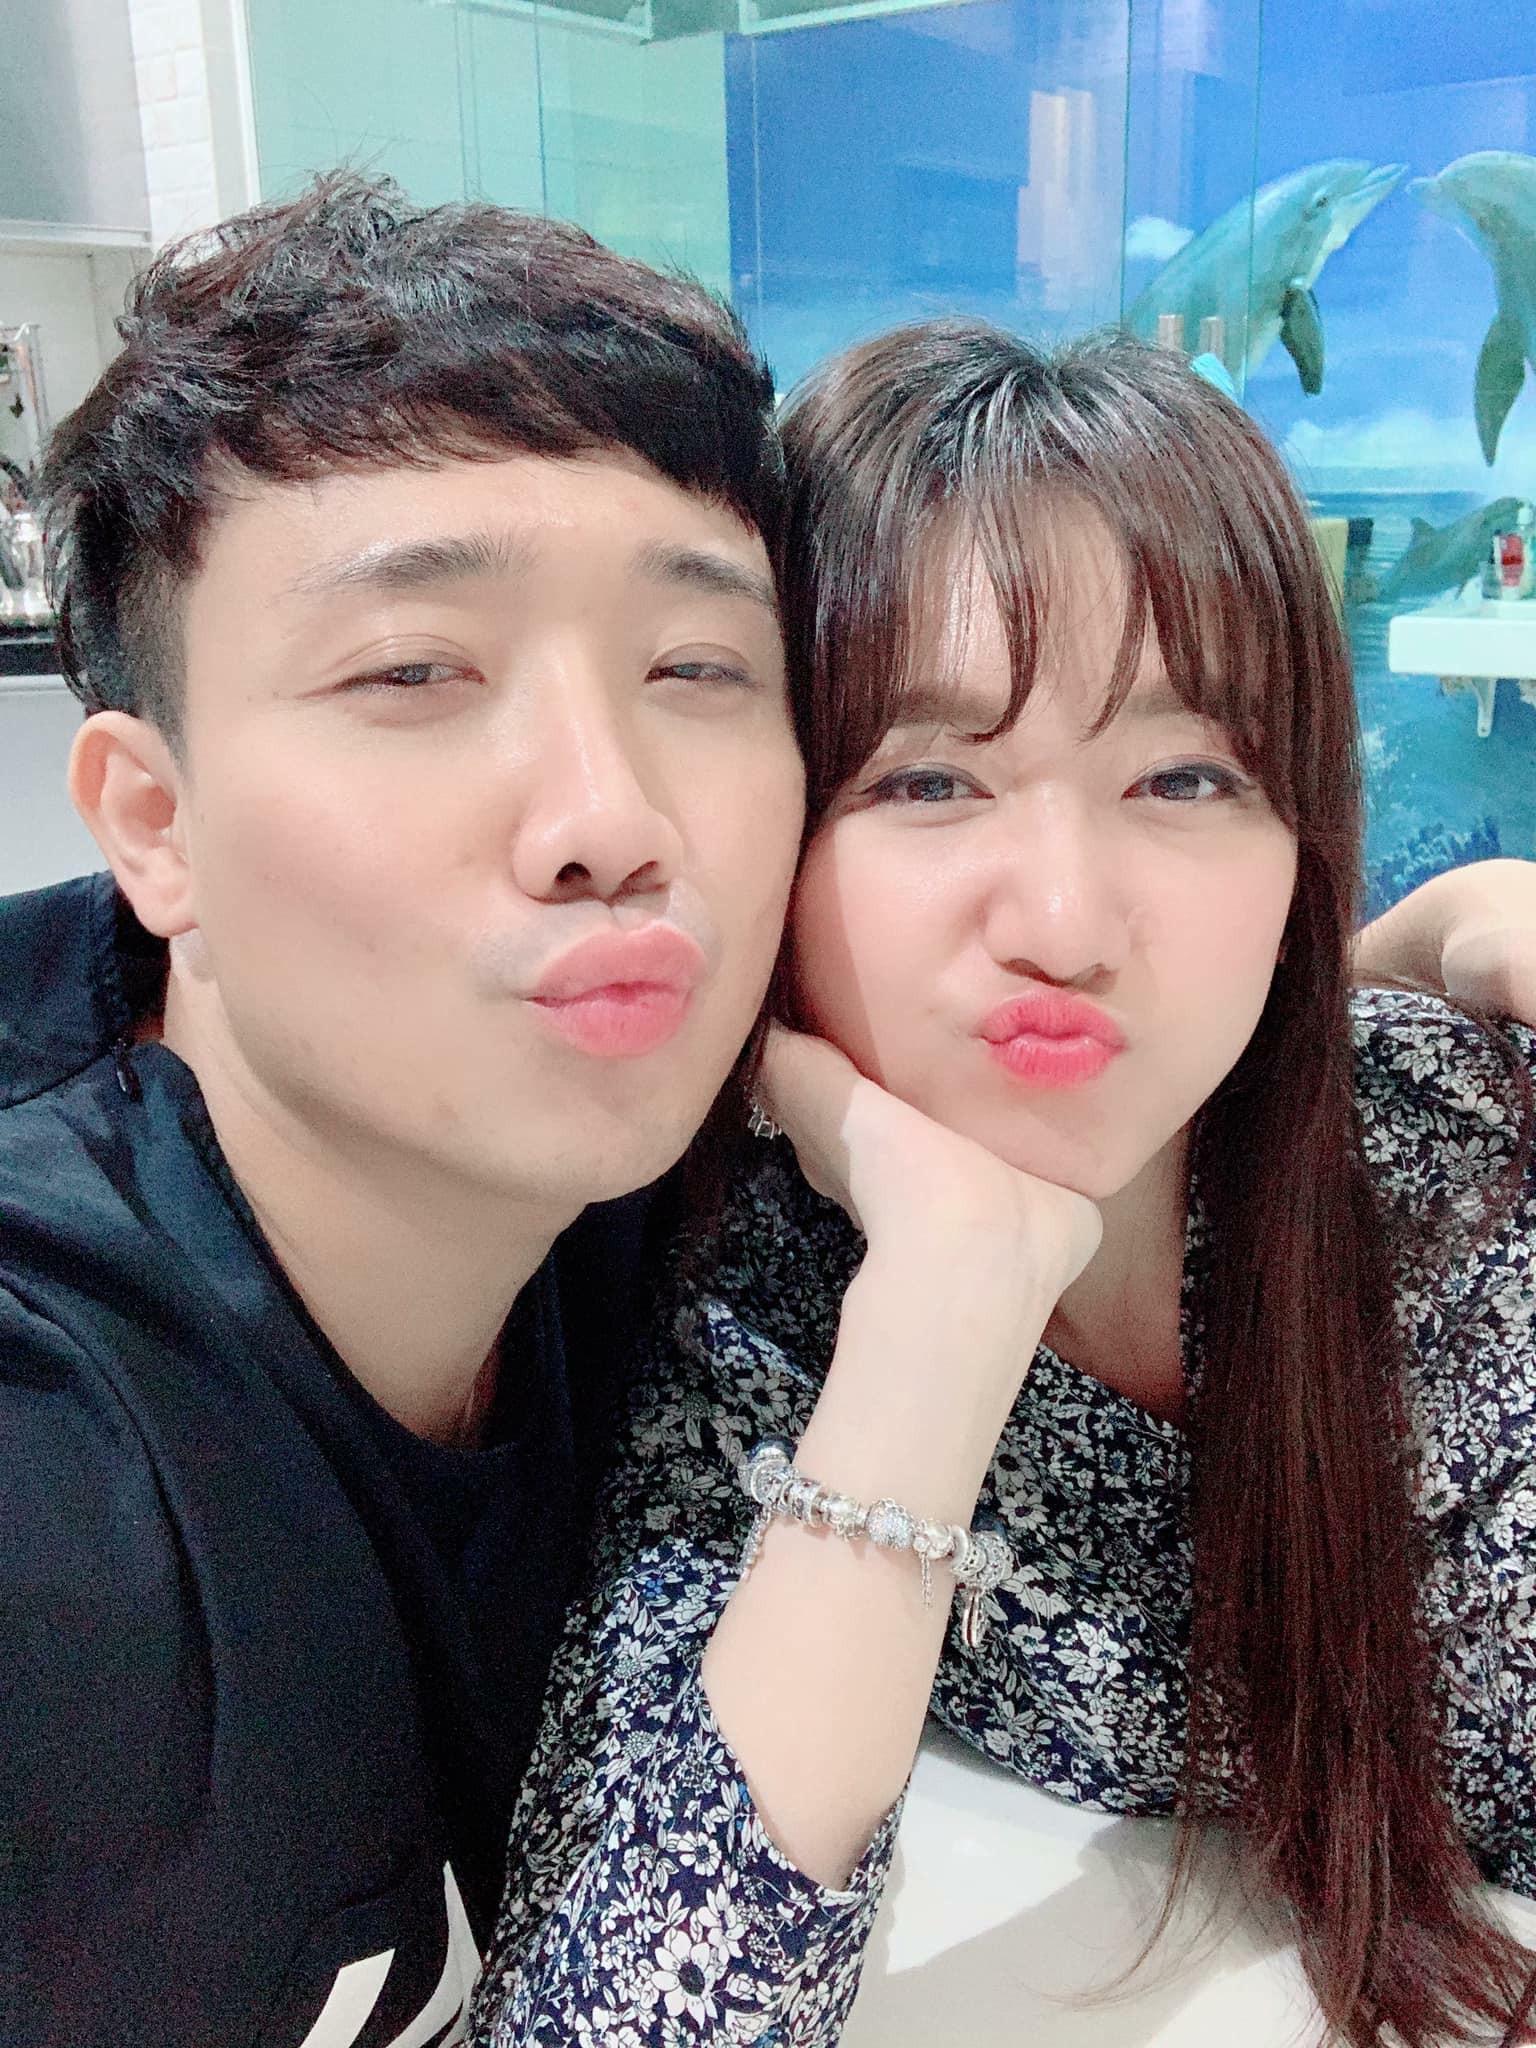 """Đăng status đầy mùi mẫn mừng sinh nhật Trấn Thành, Hari Won tiện thể tiết lộ hành trình bị ông xã """"cưa đổ"""" chưa một lần chia sẻ - Ảnh 1."""